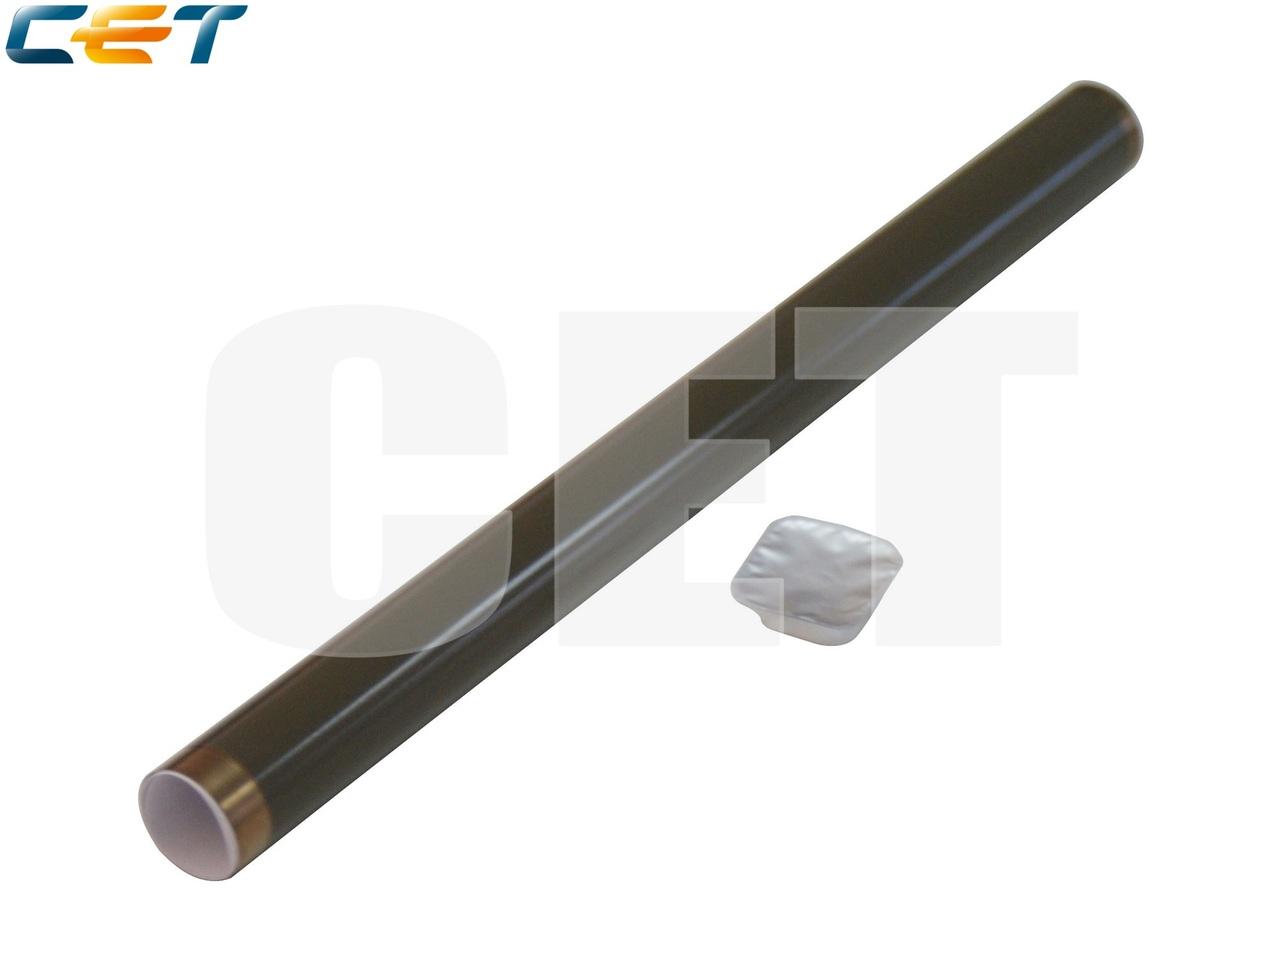 Термопленка для HP LaserJet P1505/M1522 (CET), CET4971